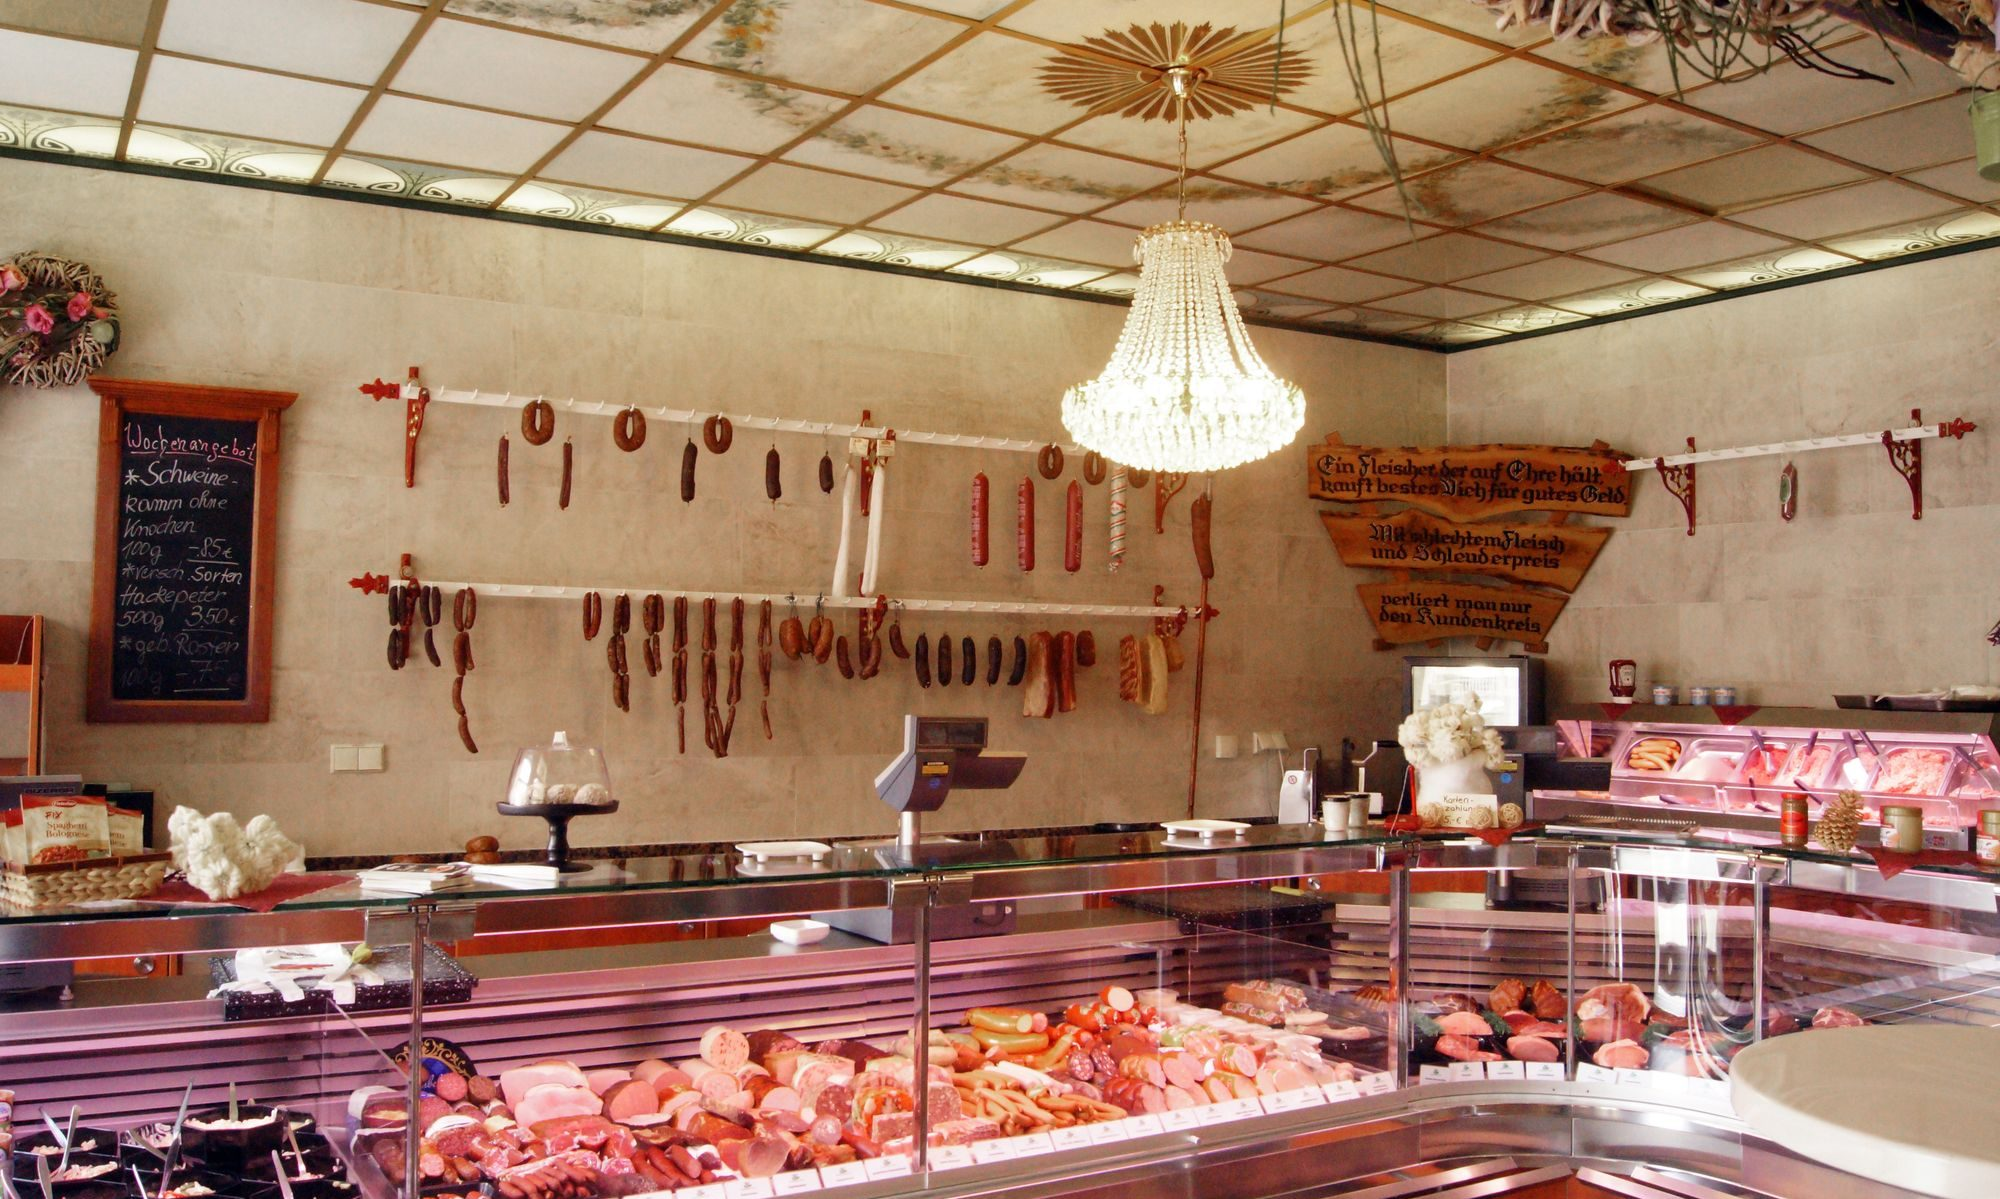 Marktfleischerei Keller